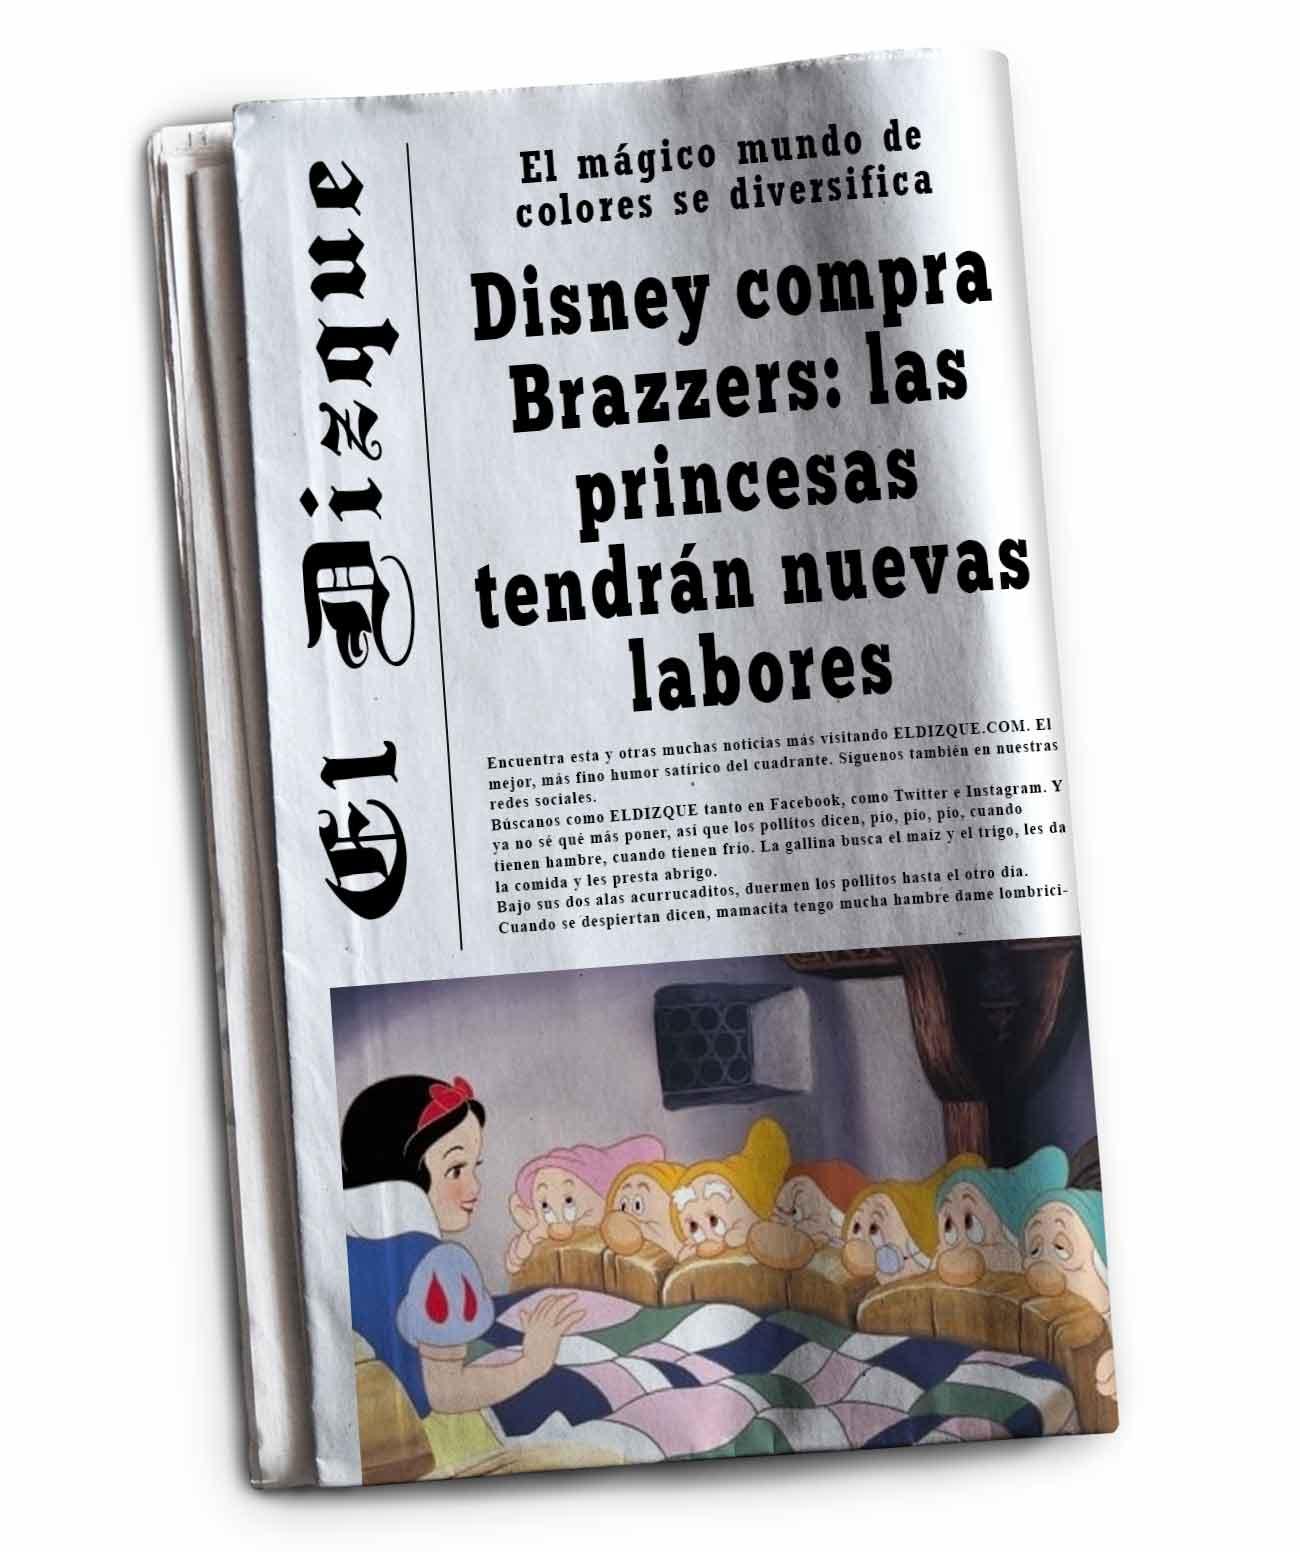 Disney compra Brazzers: Las princesas tendrán nuevas labores